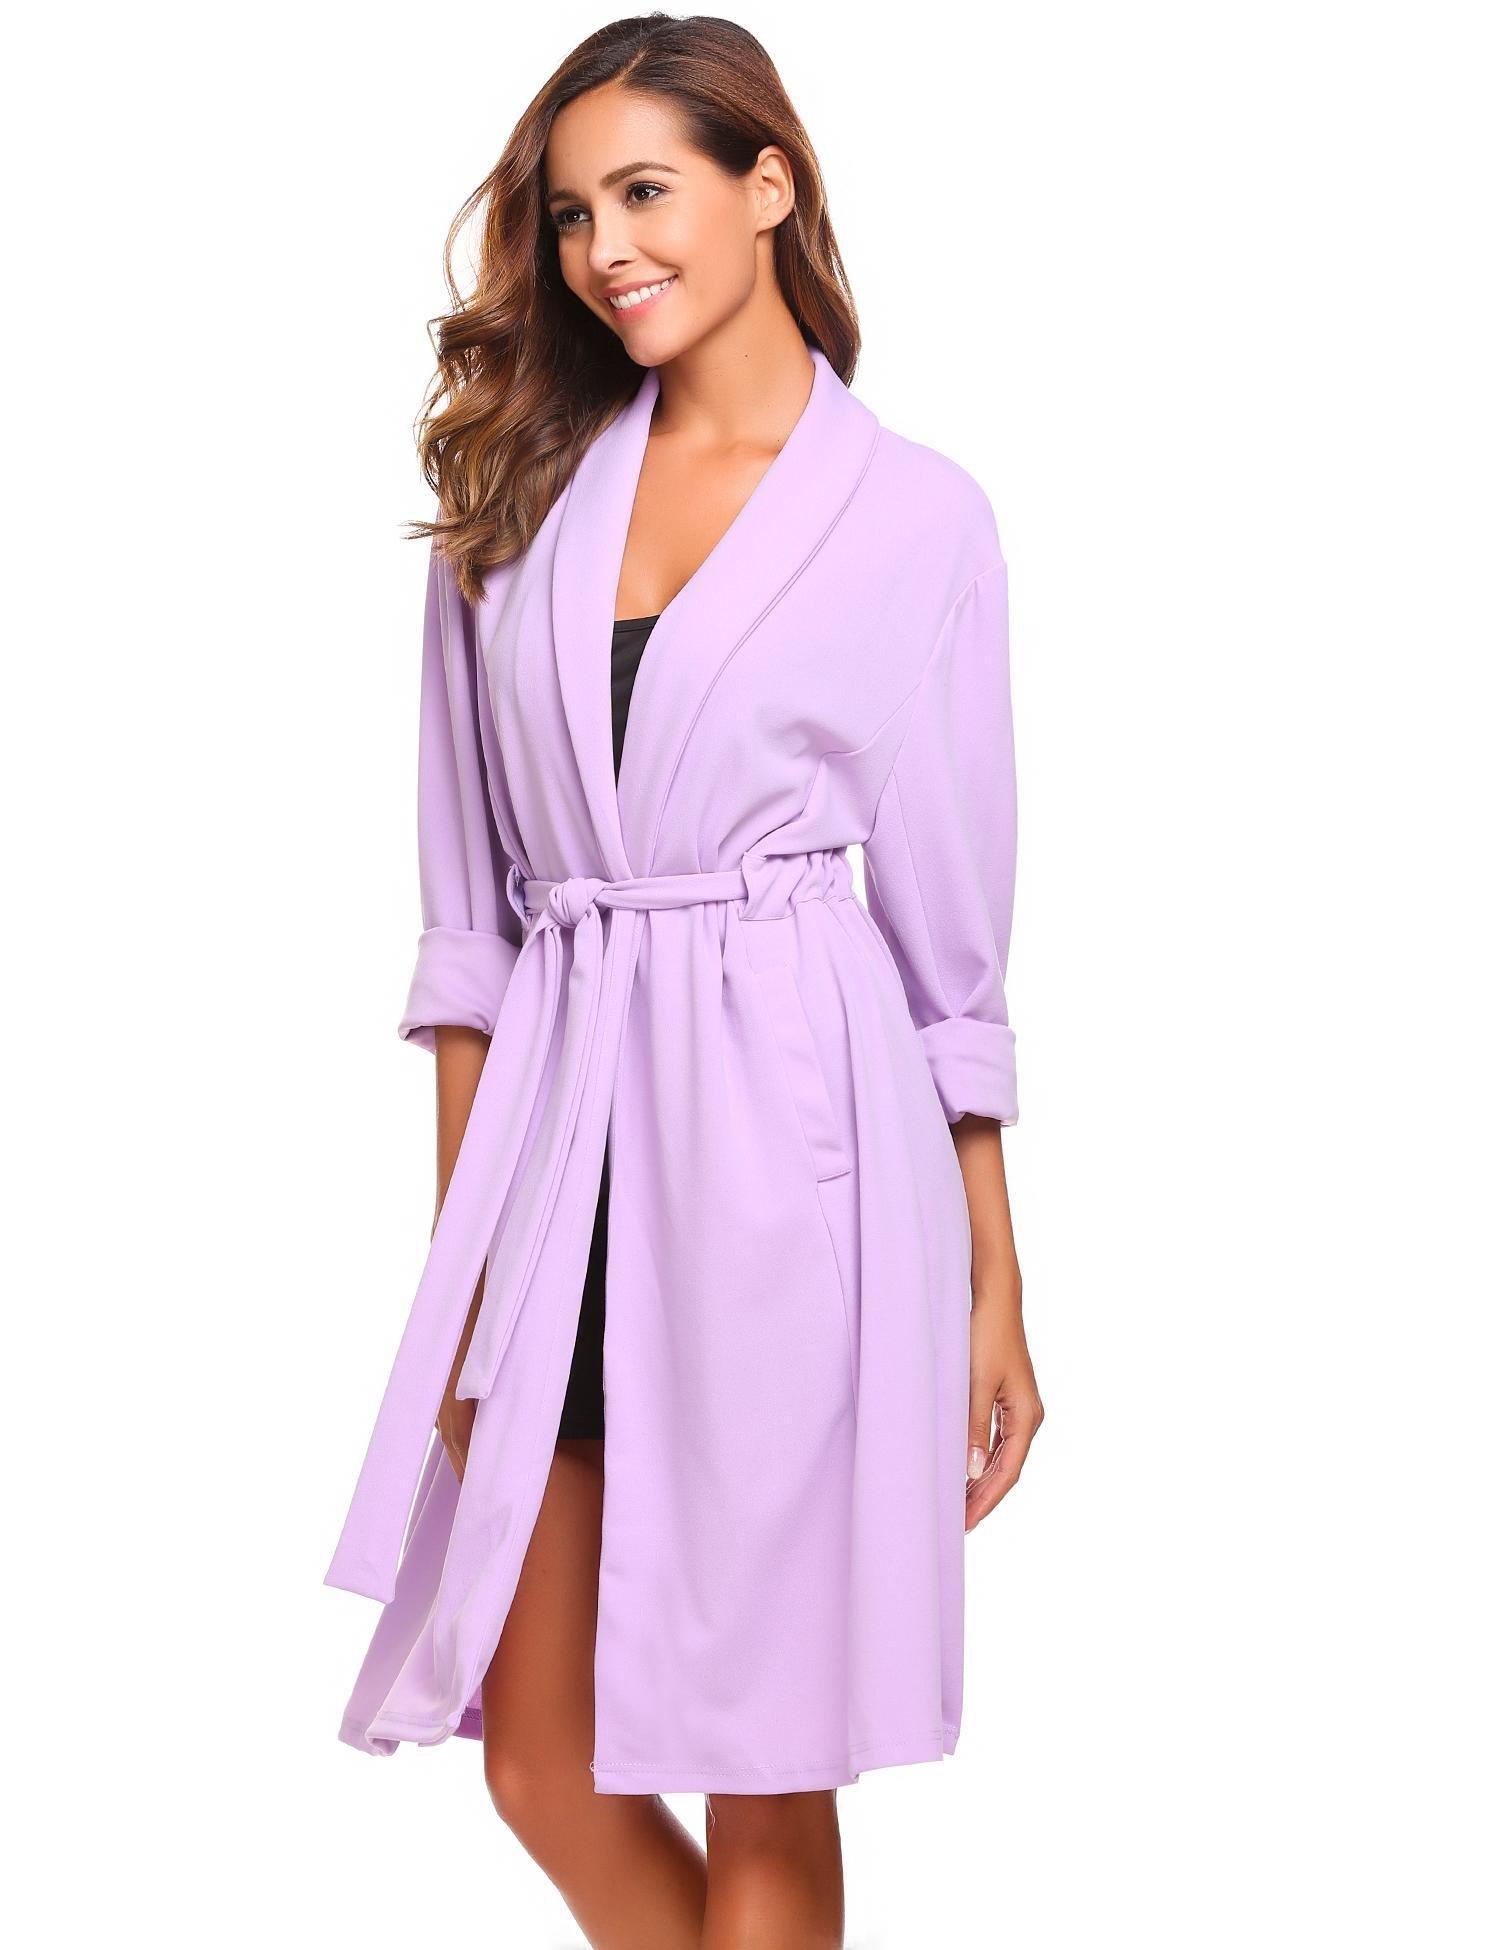 etuoji Women Waffle Dressing Down Bathing Robe for Spa Hotel Sleepwear(Light Purple,Size XL)